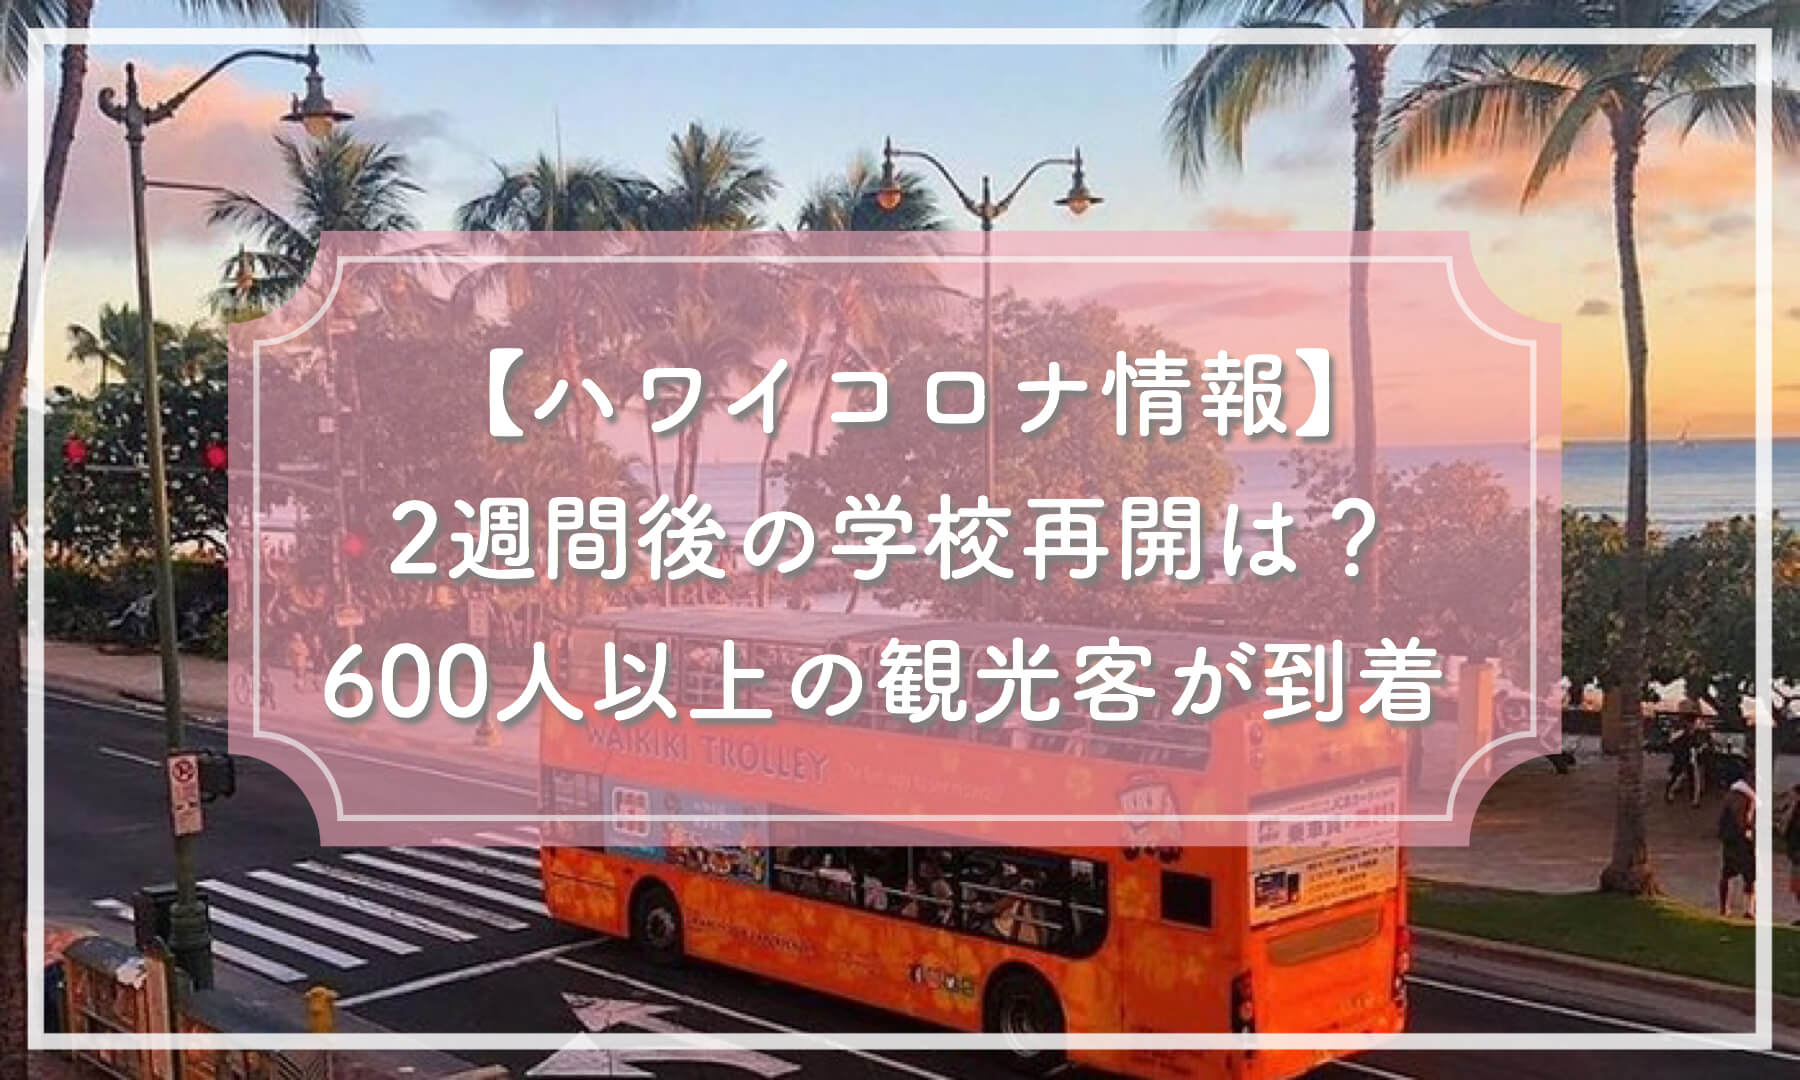 【ハワイコロナ情報】2週間後の学校再開は?600人以上の観光客が到着